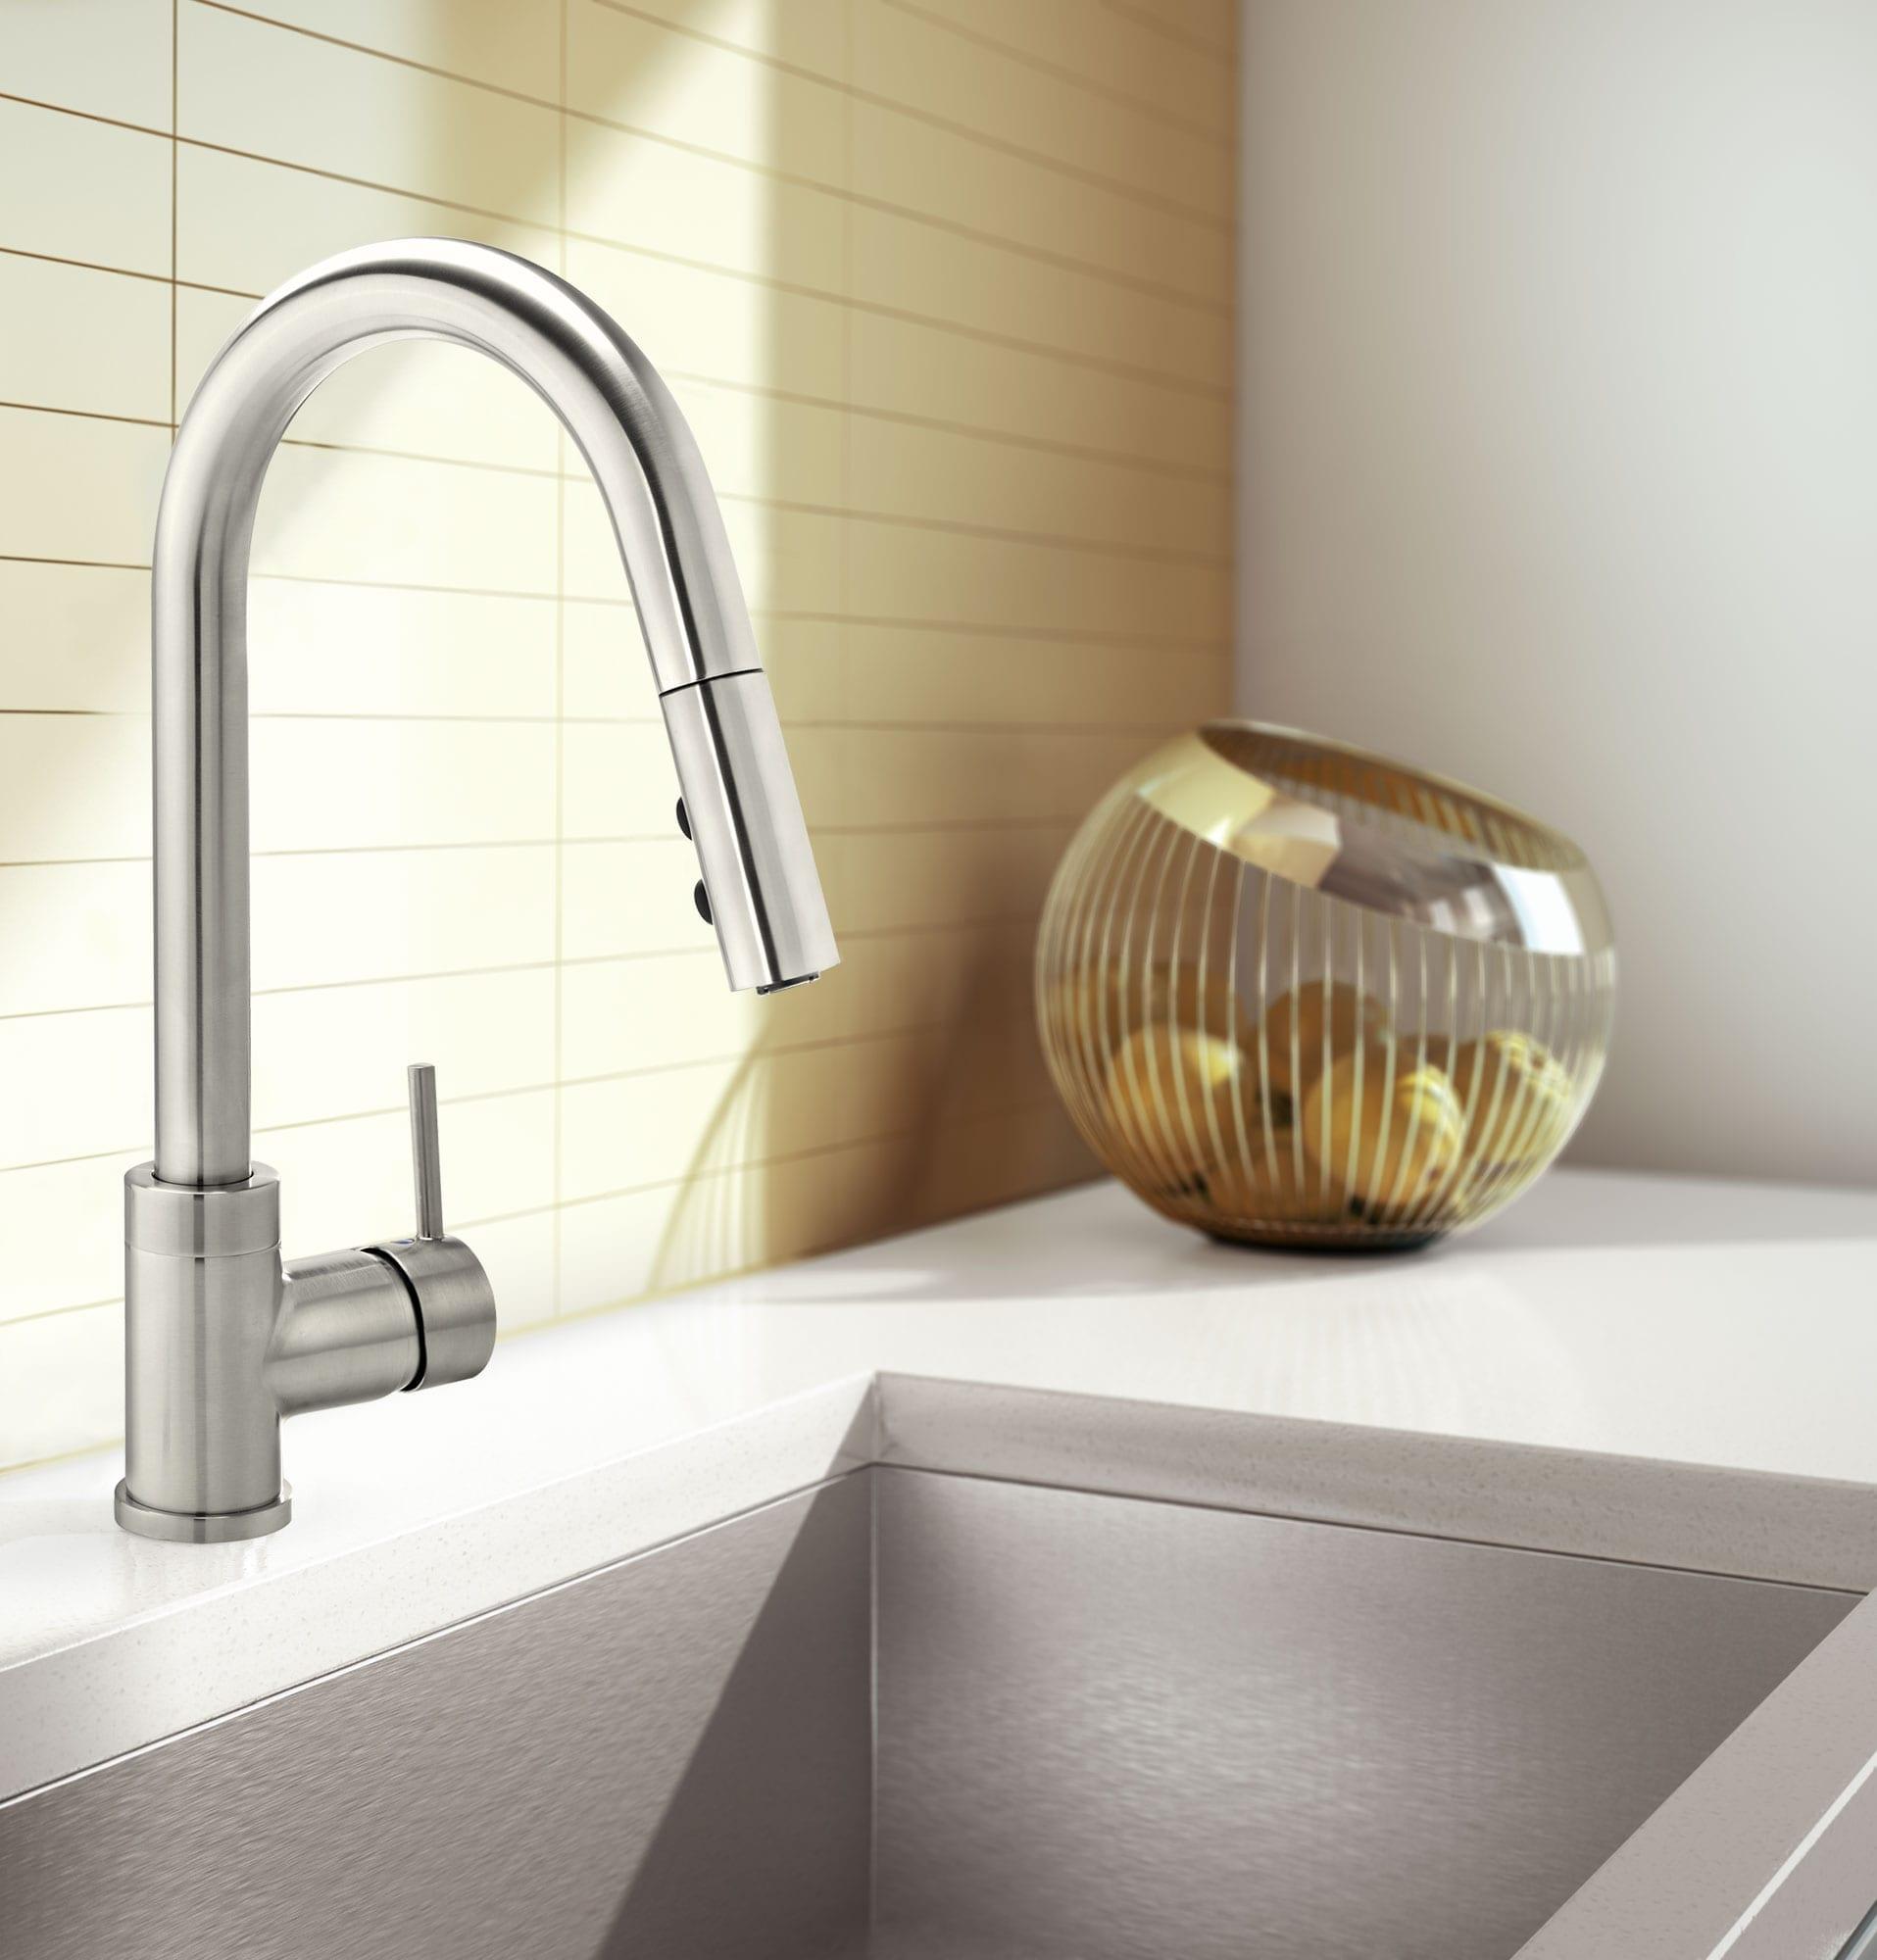 robinet pour vier de cuisine avec bec amovible pivotant b langer upt. Black Bedroom Furniture Sets. Home Design Ideas